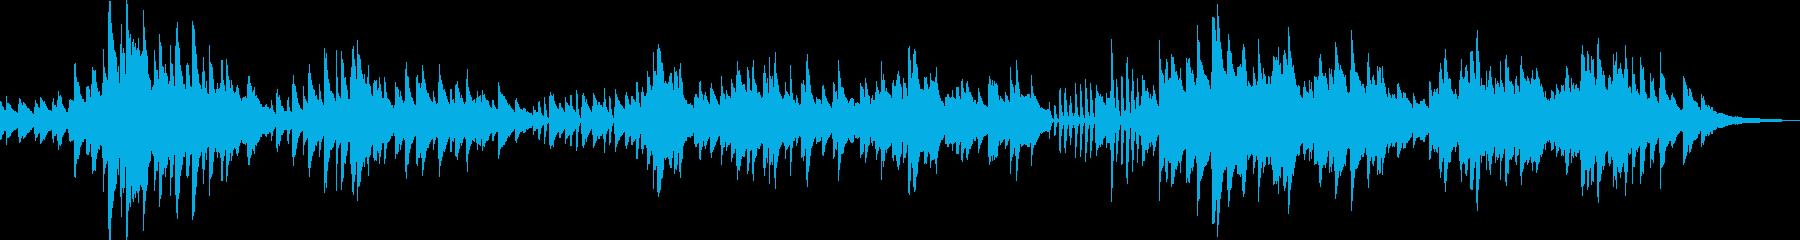 生き生きとした軽やかなピアノ曲 の再生済みの波形